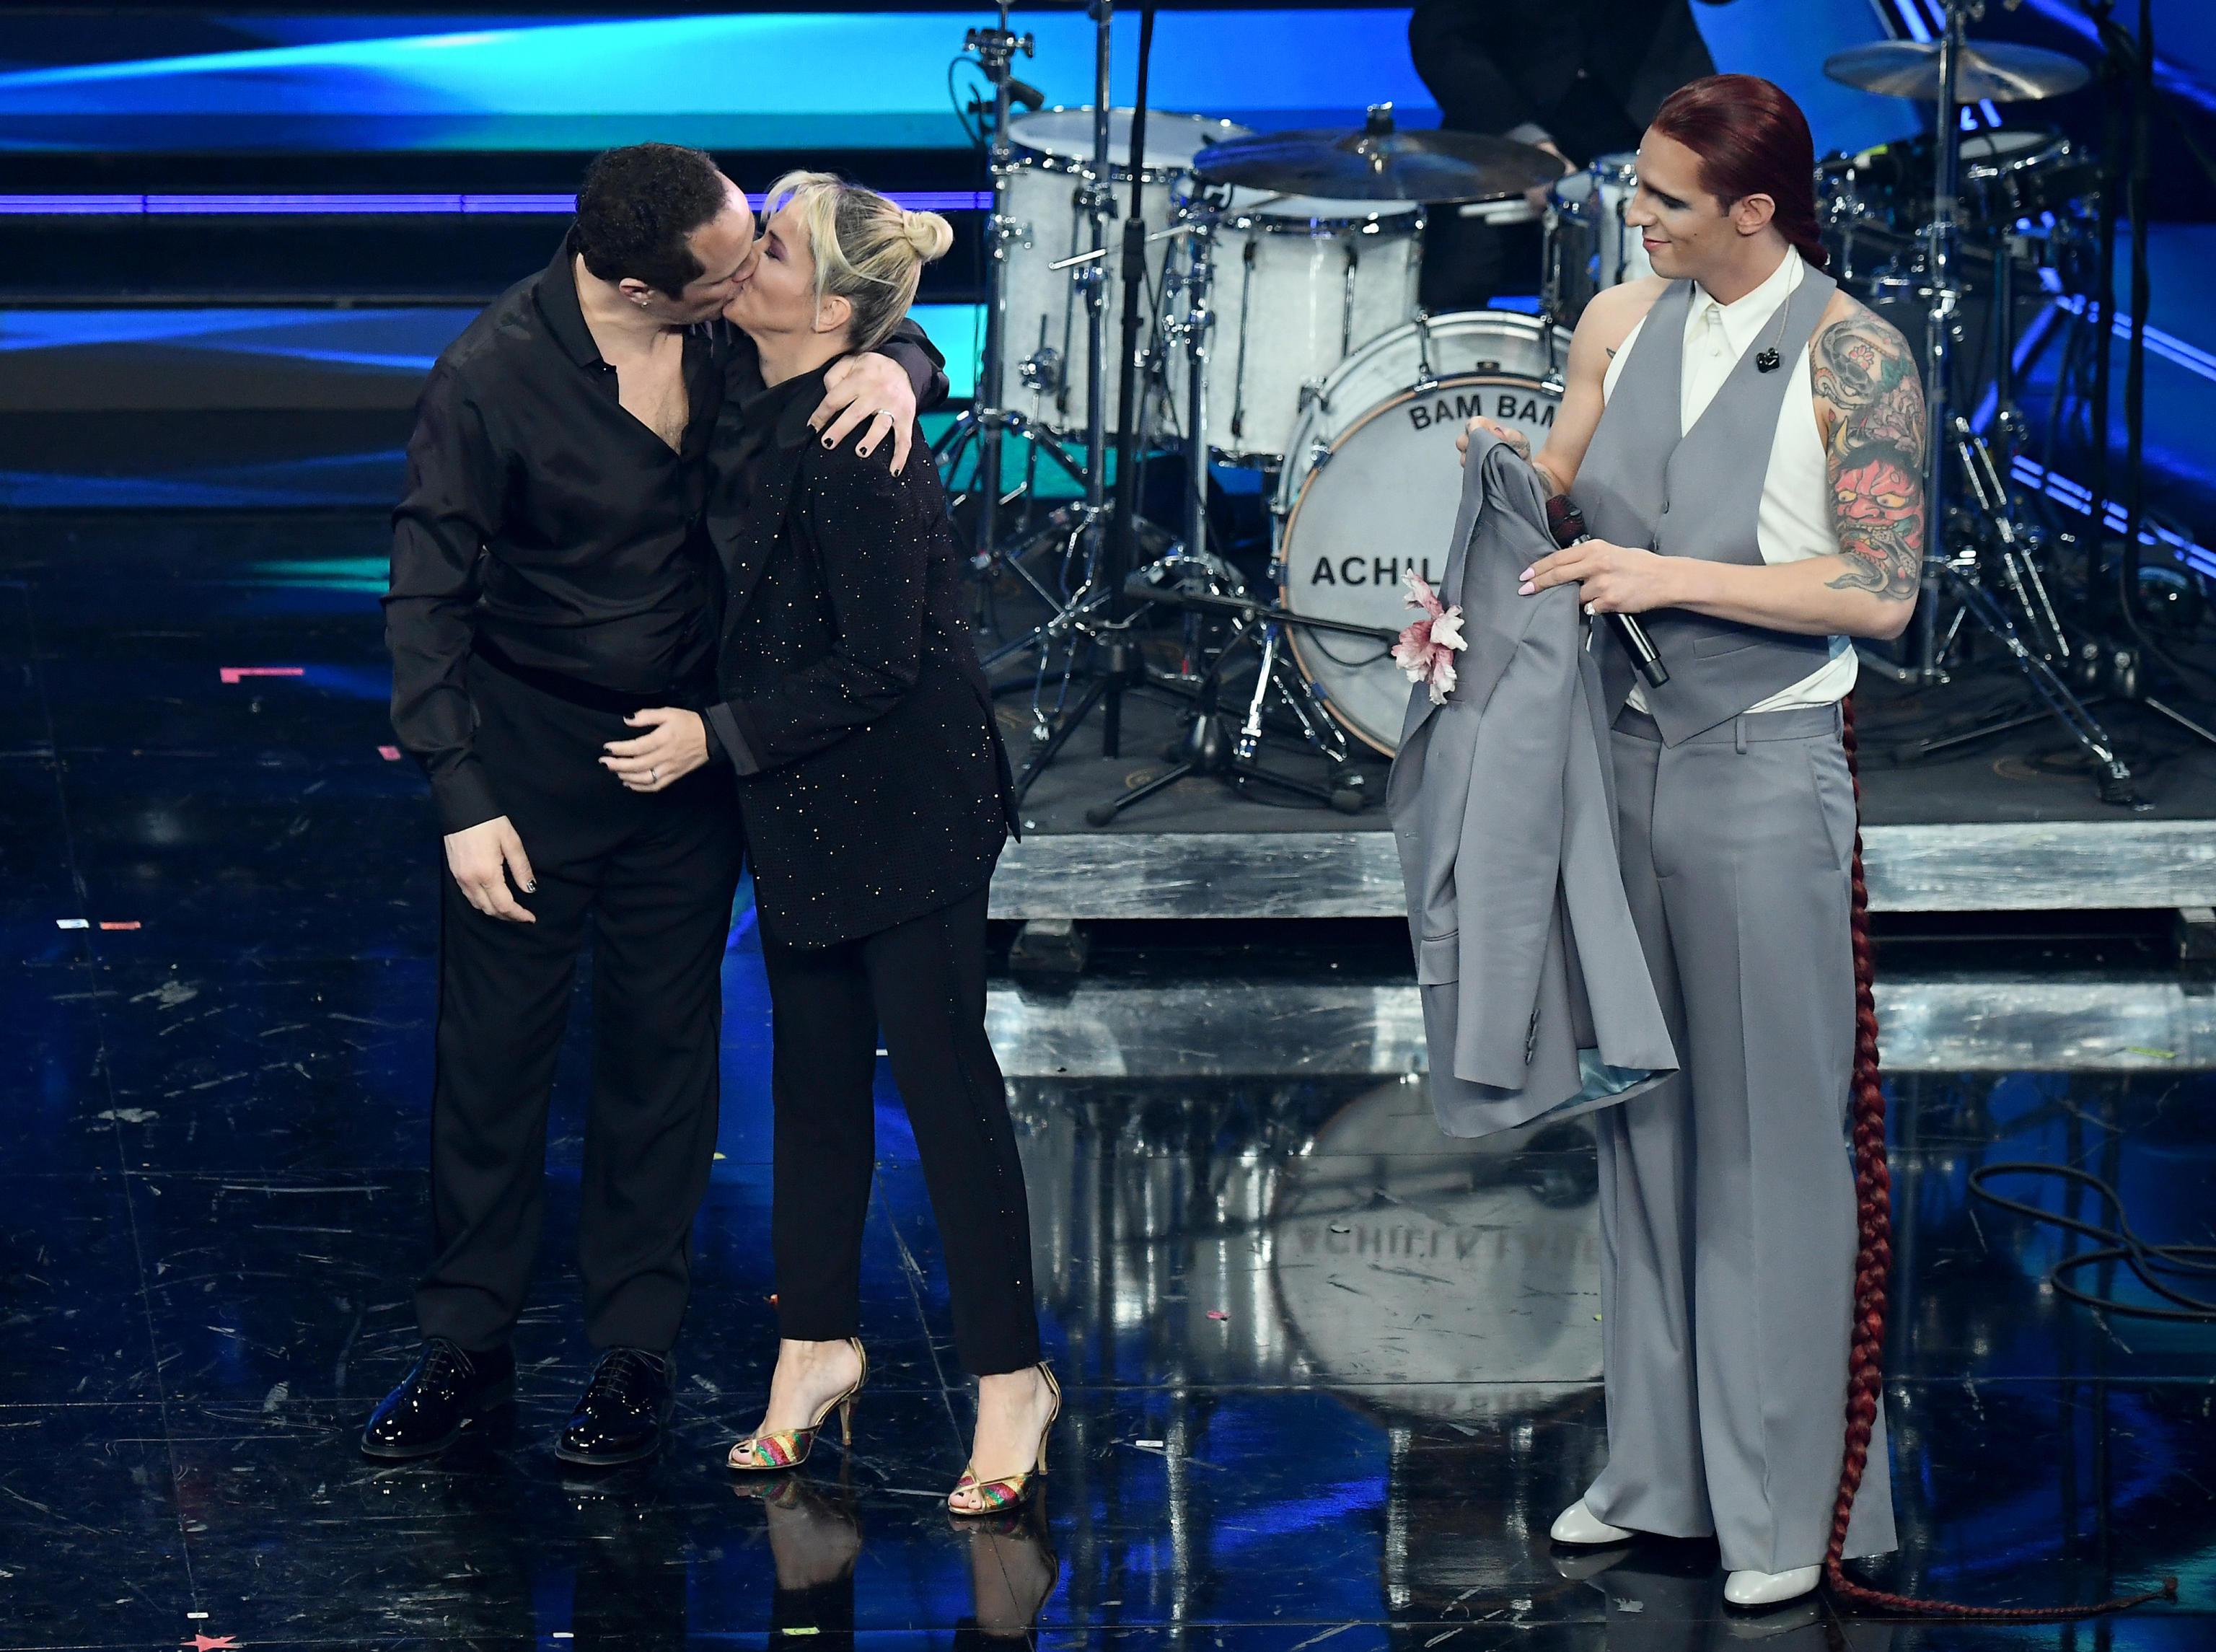 Sanremo 2021, Ibra ricorda Astori a tre anni dalla morte. Arriva Achille Lauro: l'omaggio a Mina